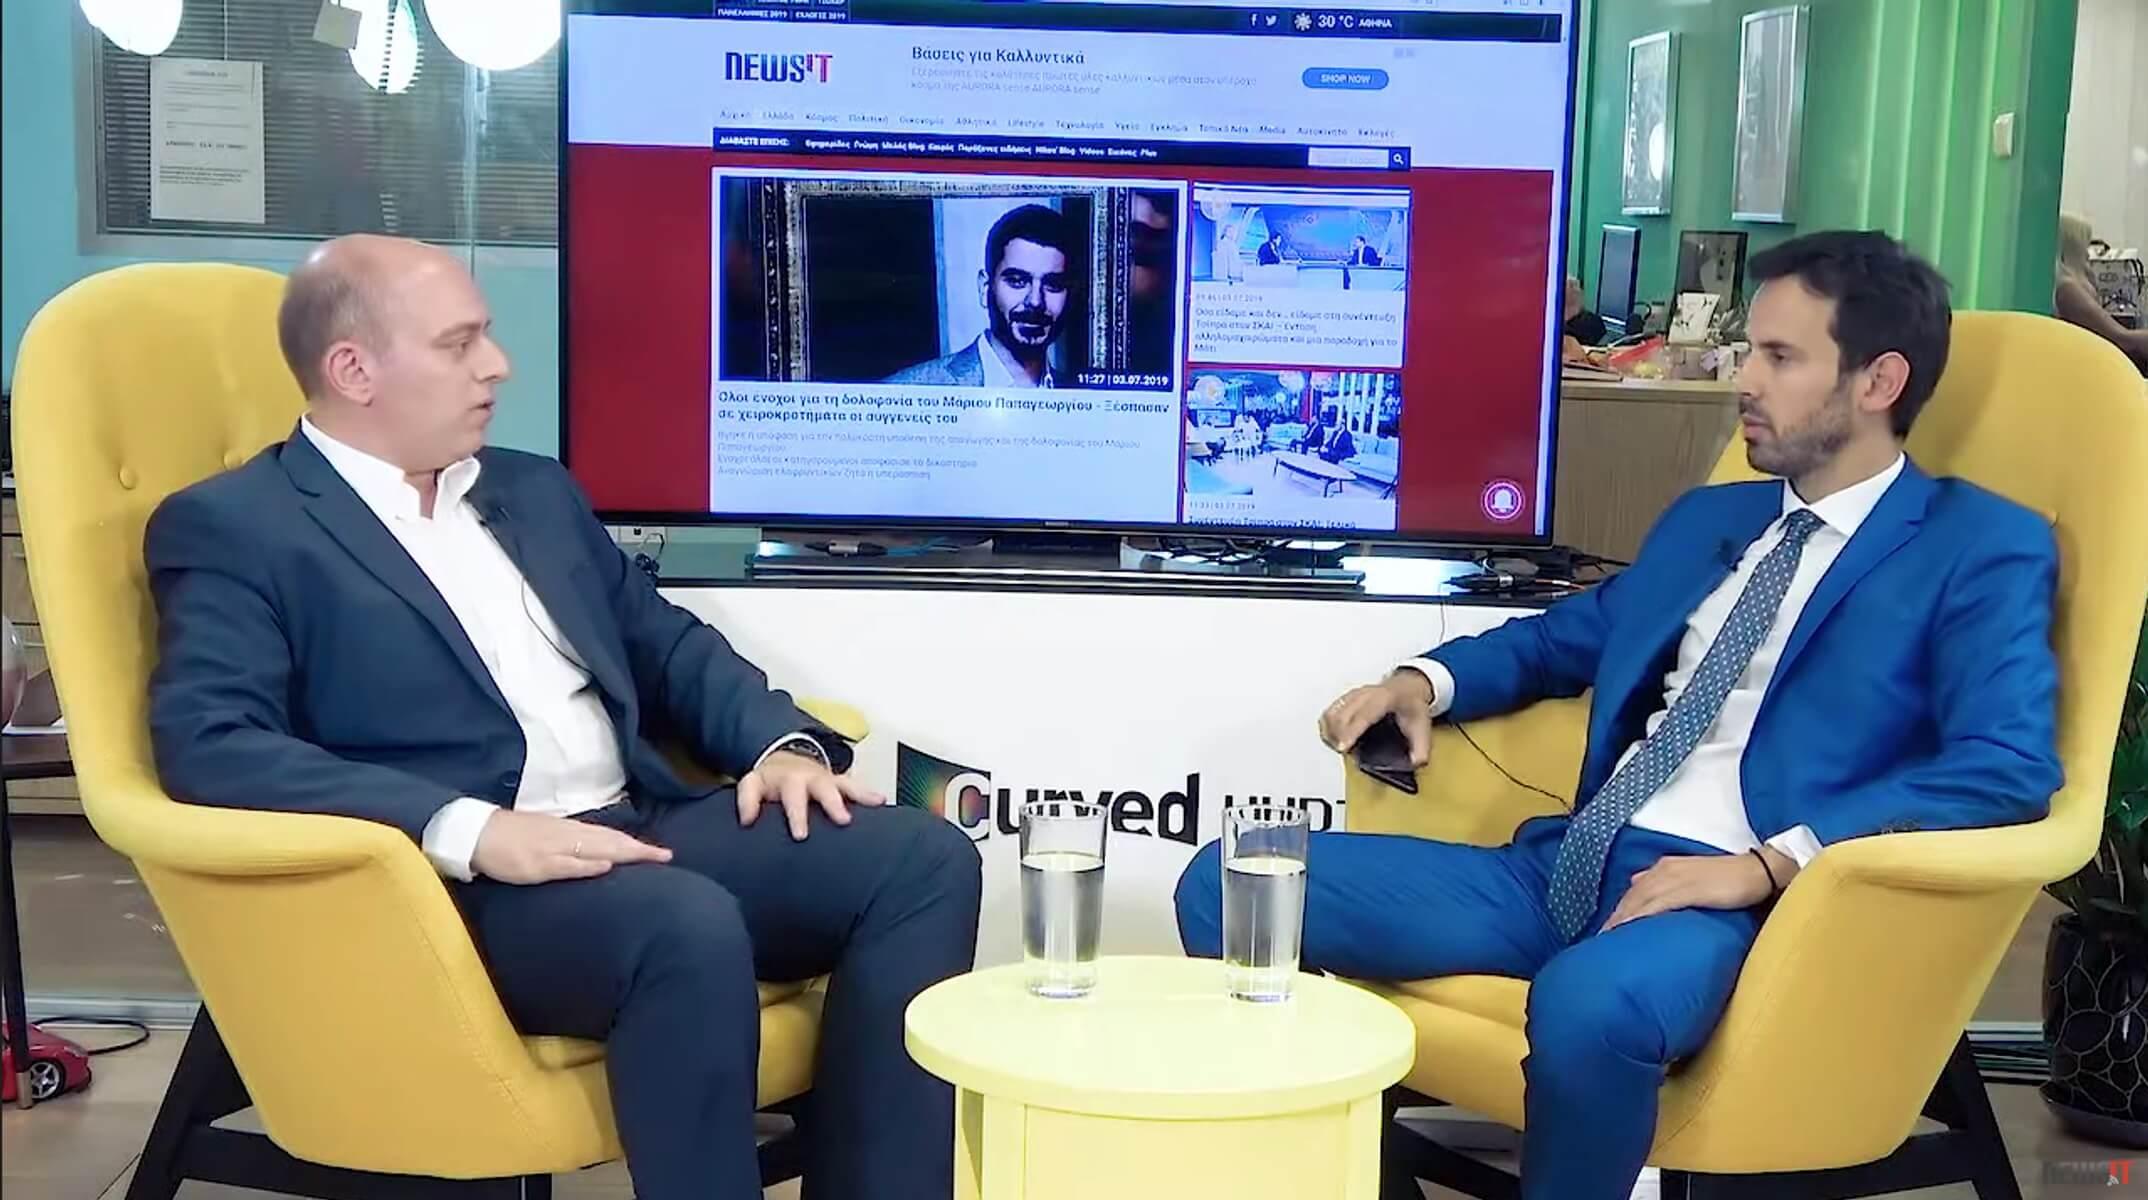 Εκλογές 2019 – Ρωμανός στο newsit.gr: Θα αποκαταστήσουμε το αίσθημα ασφάλειας